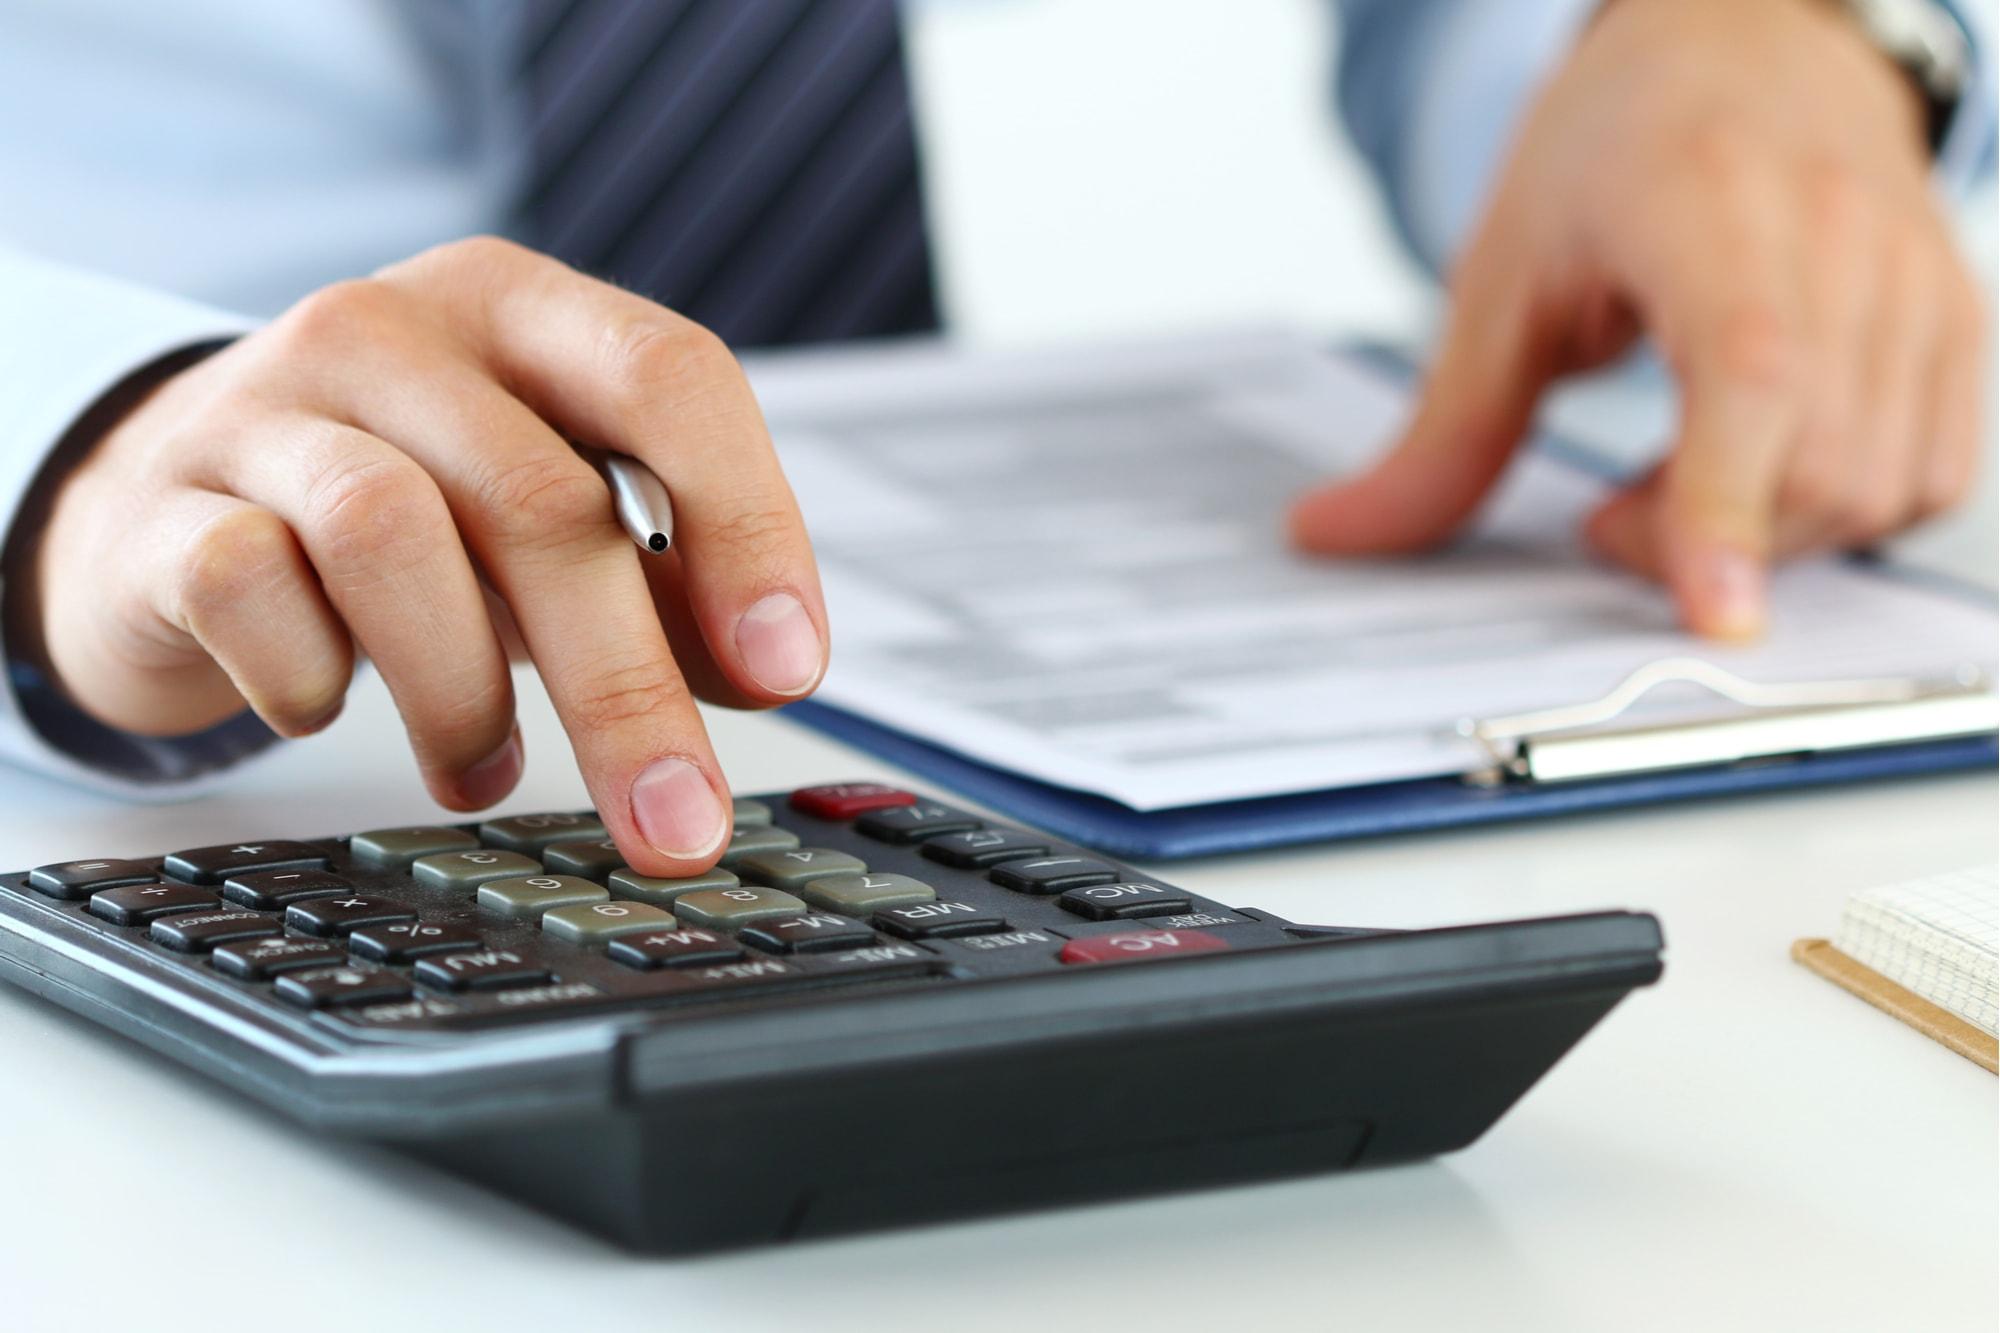 Quiero un préstamo pero estoy en el Clearing: cómo hacer para obtenerlo